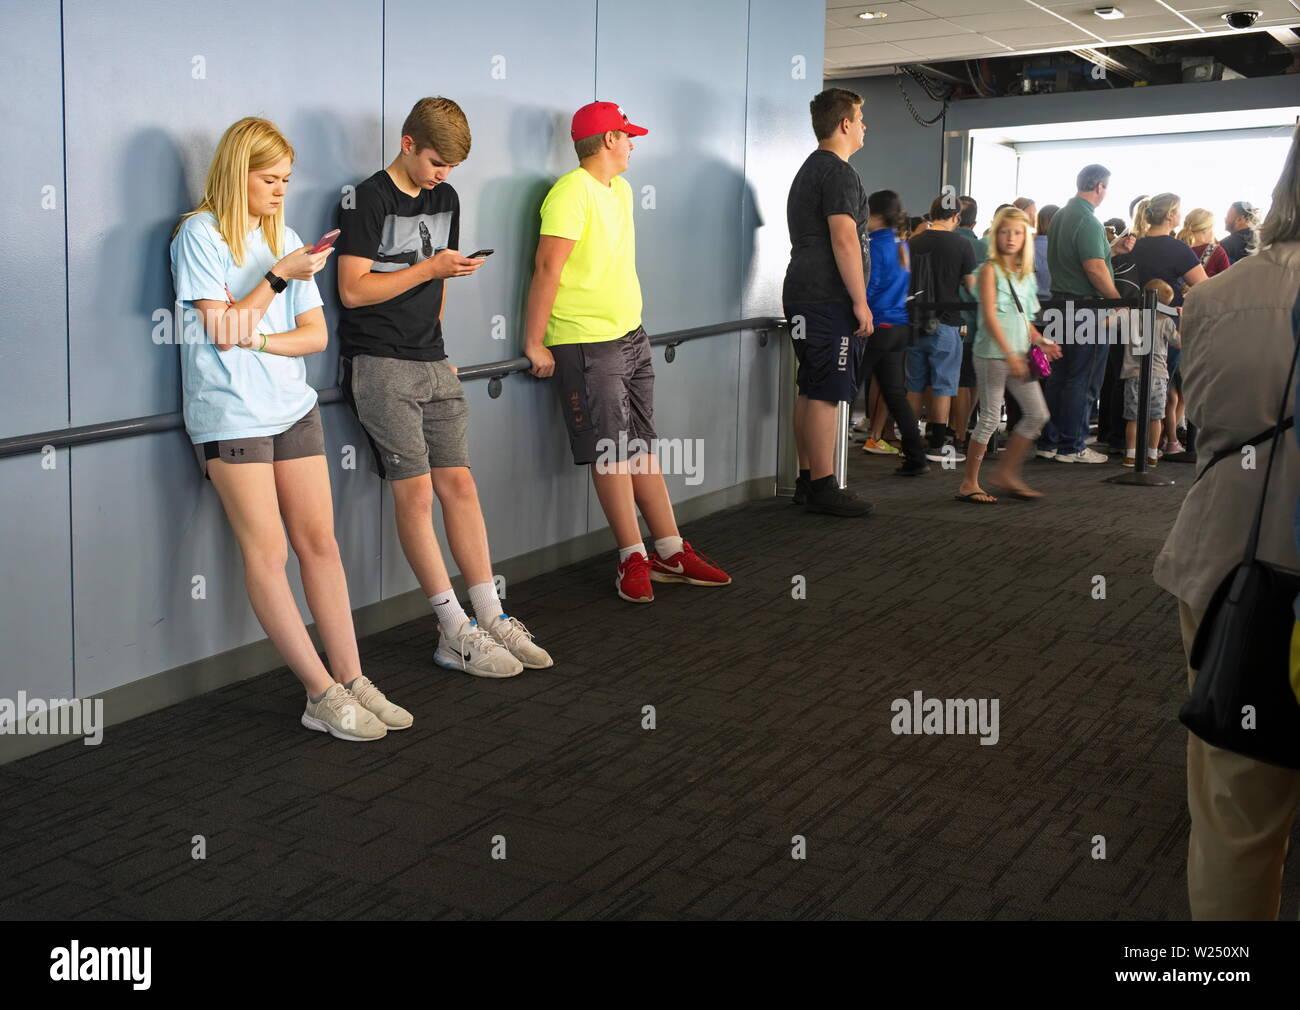 La Willis Tower, Chicago, IL USA. Aug 2018. En général, les adolescents collés sur leur cellulaire en attendant de se rendre à l'Skydeck. Banque D'Images